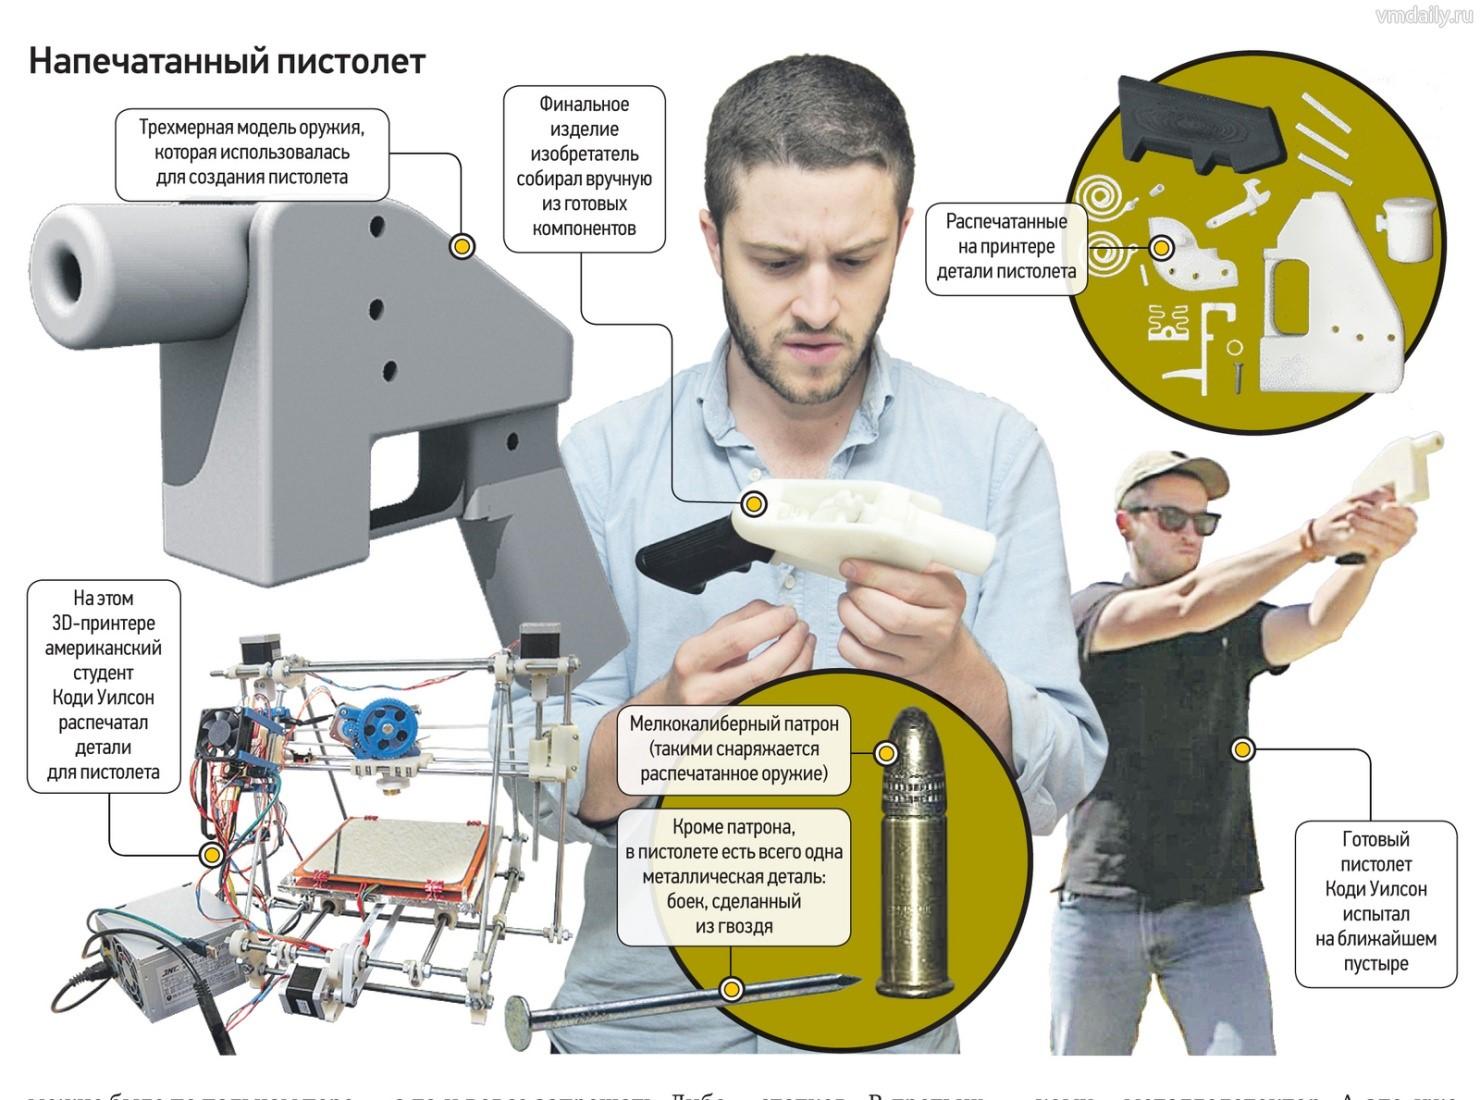 В США легализовали оружие, напечатанное на 3D-принтере